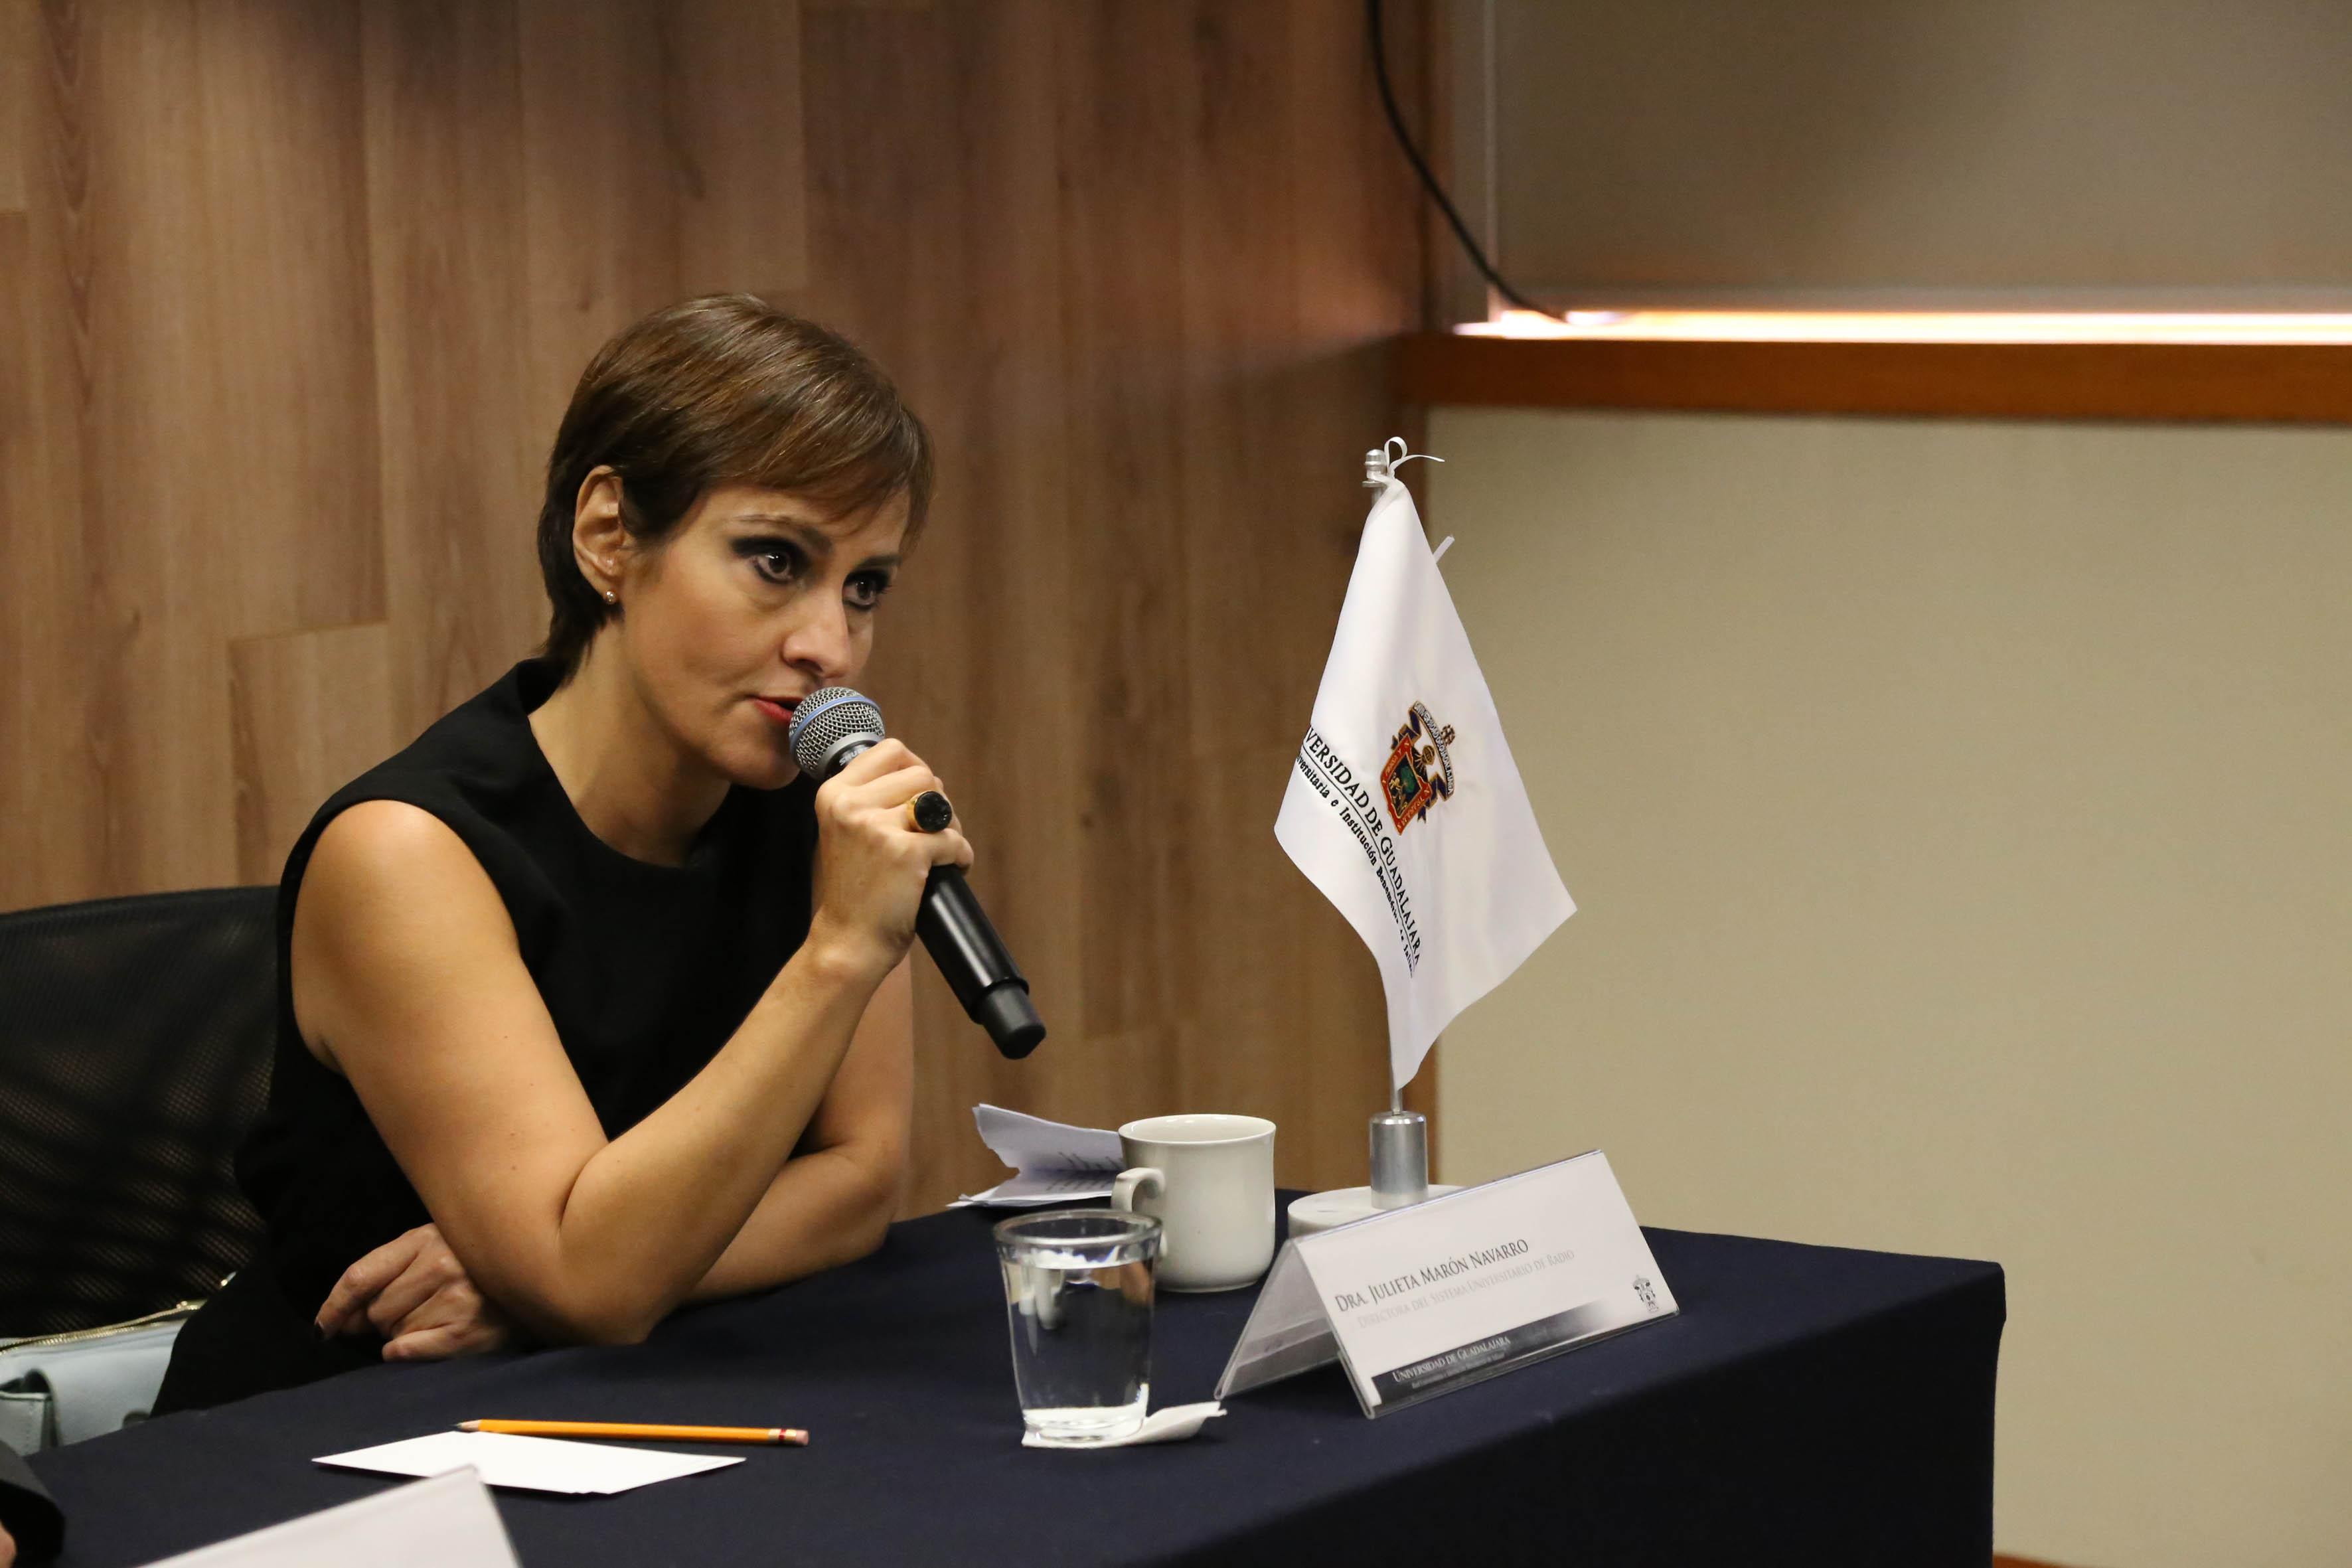 Julieta Marón Navarro, Sibdirectora de Radio Universidad